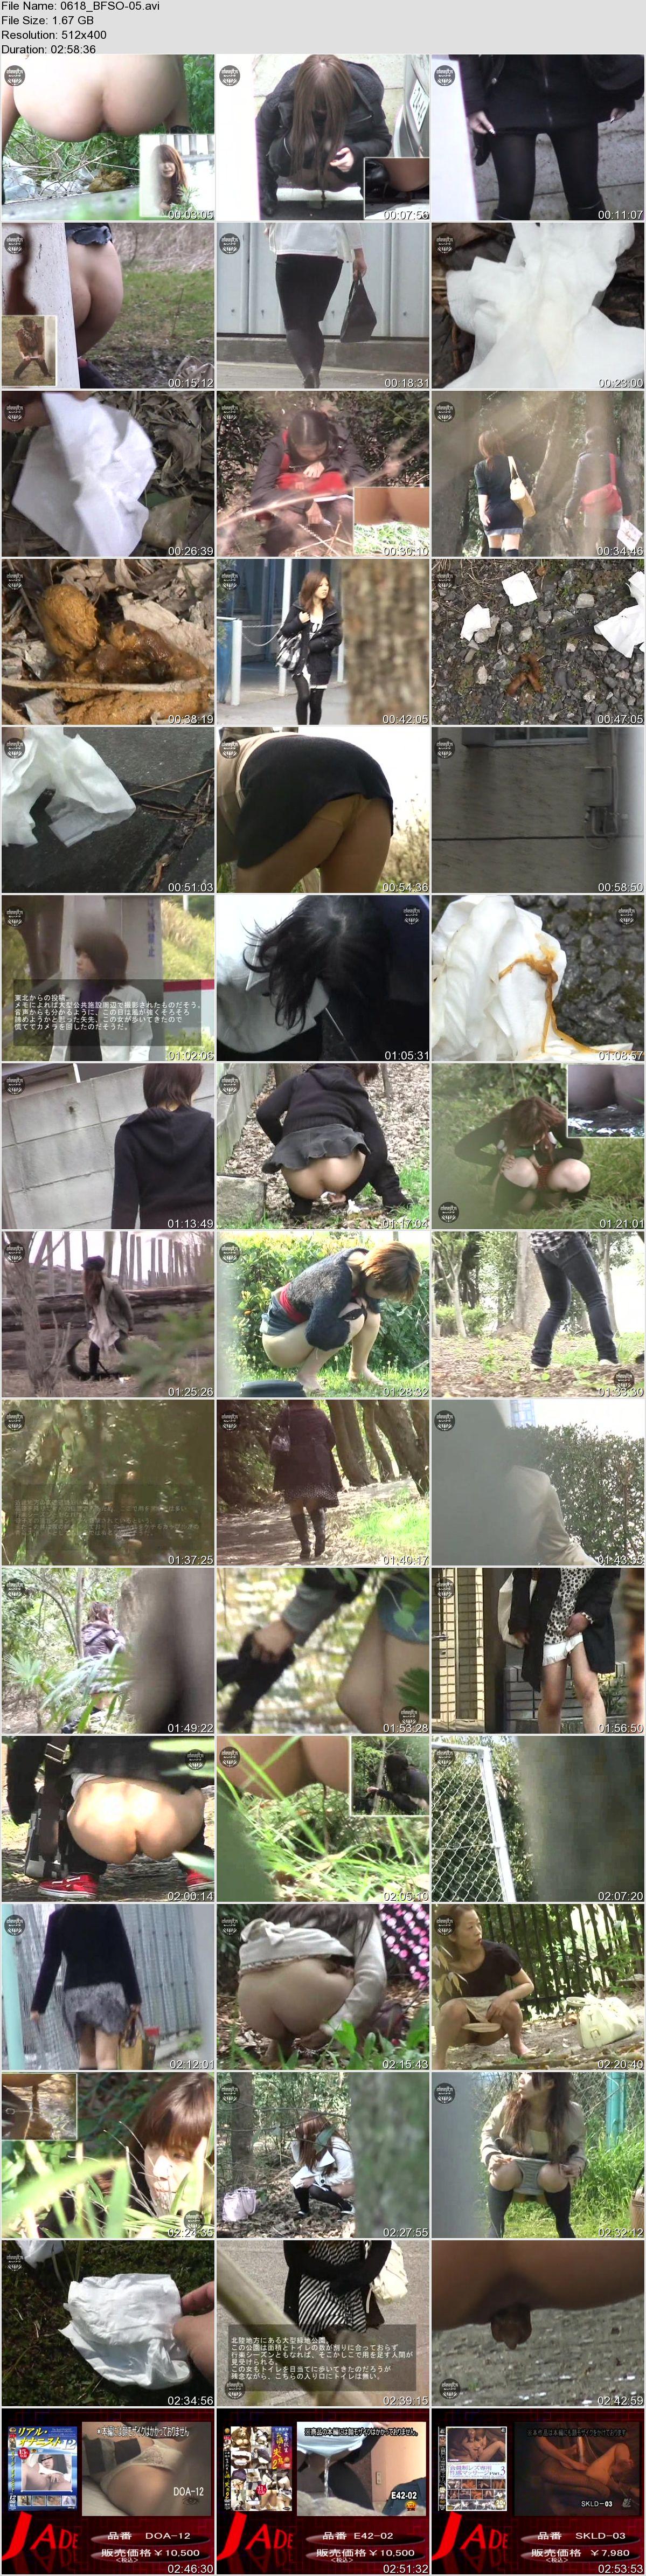 outdoor asian poop jpg 1200x900